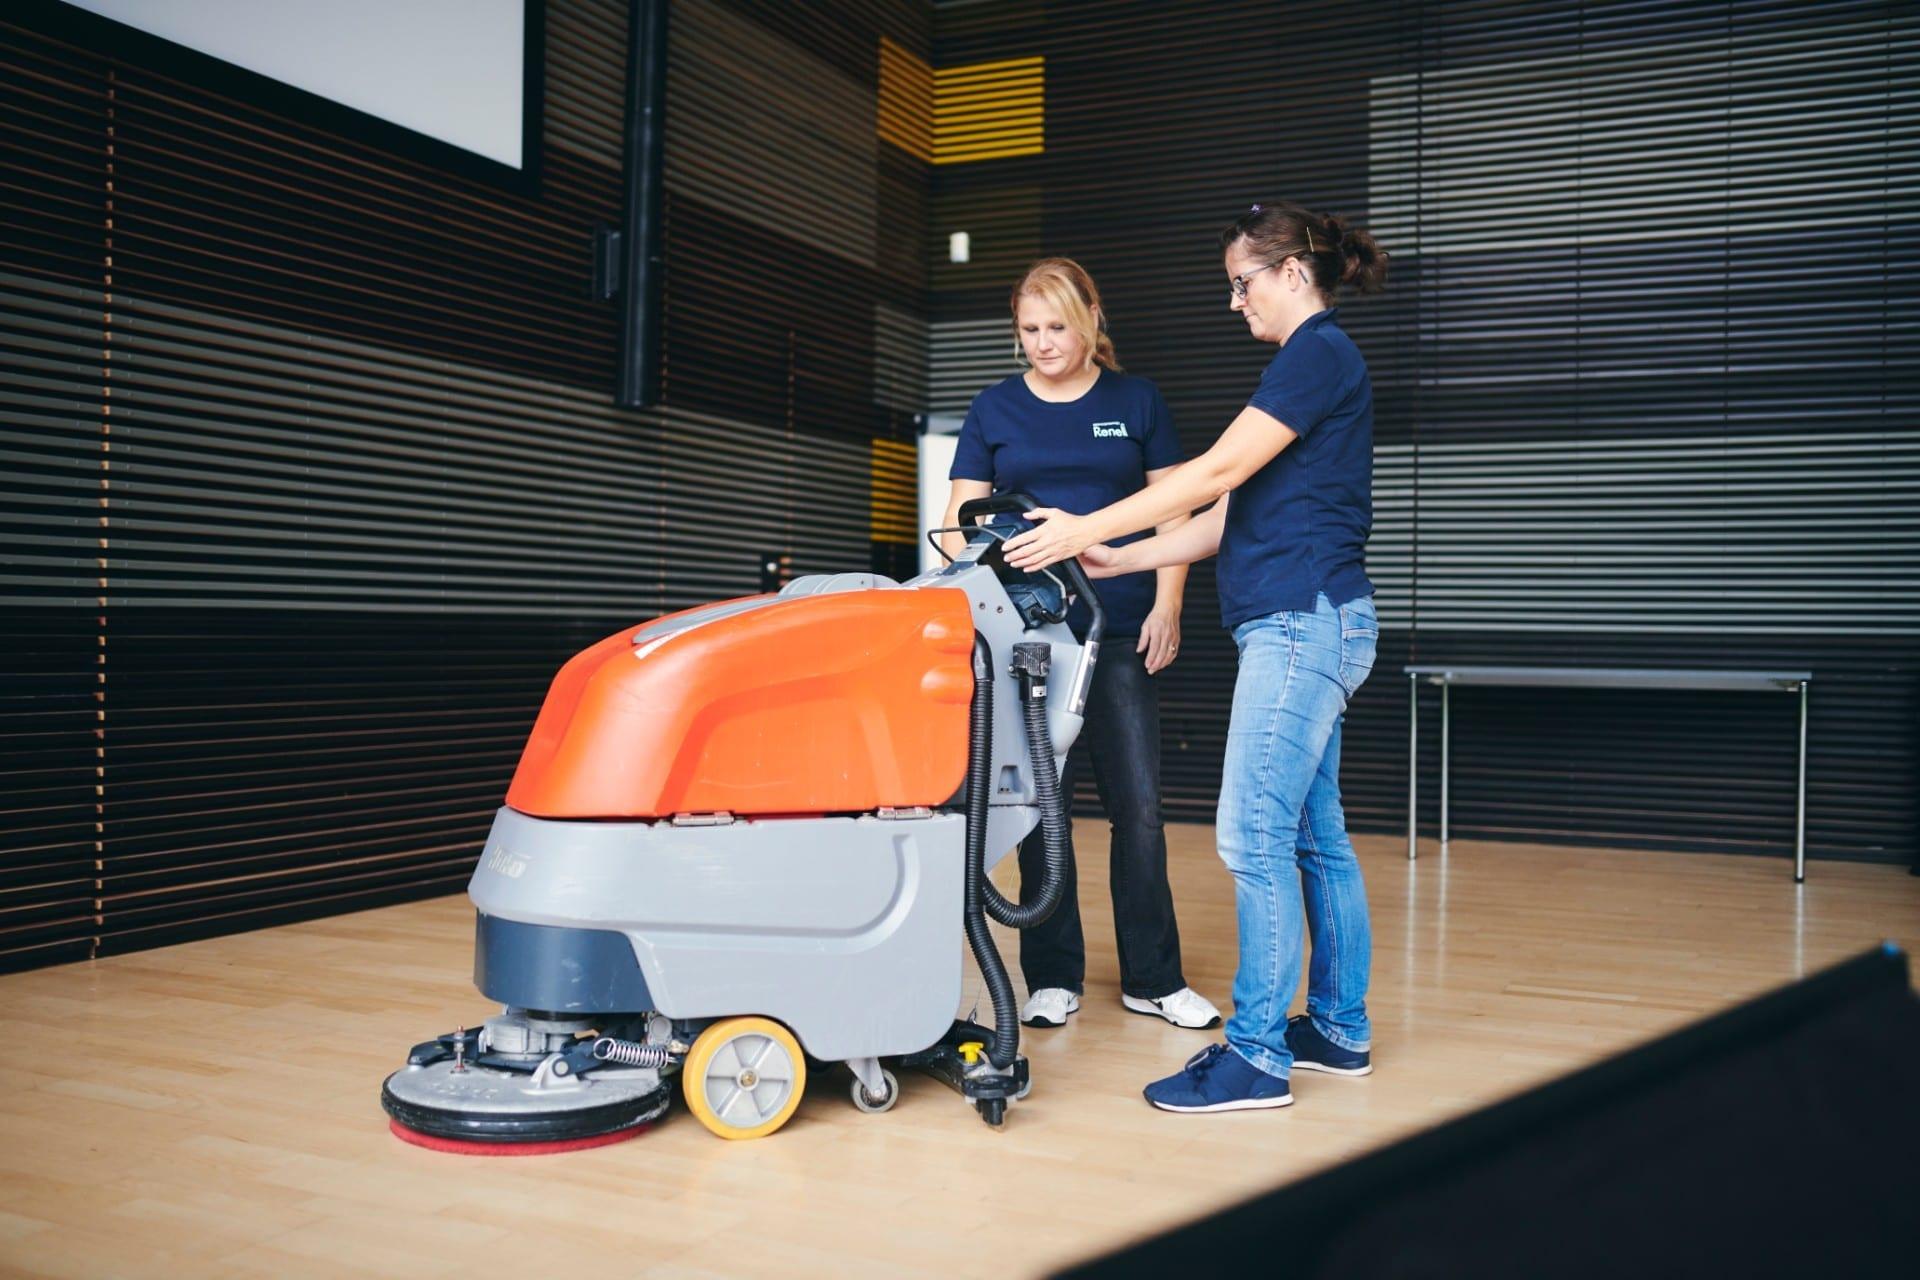 Renell-medarbejder får oplæring af serviceleder i gulvmaskine